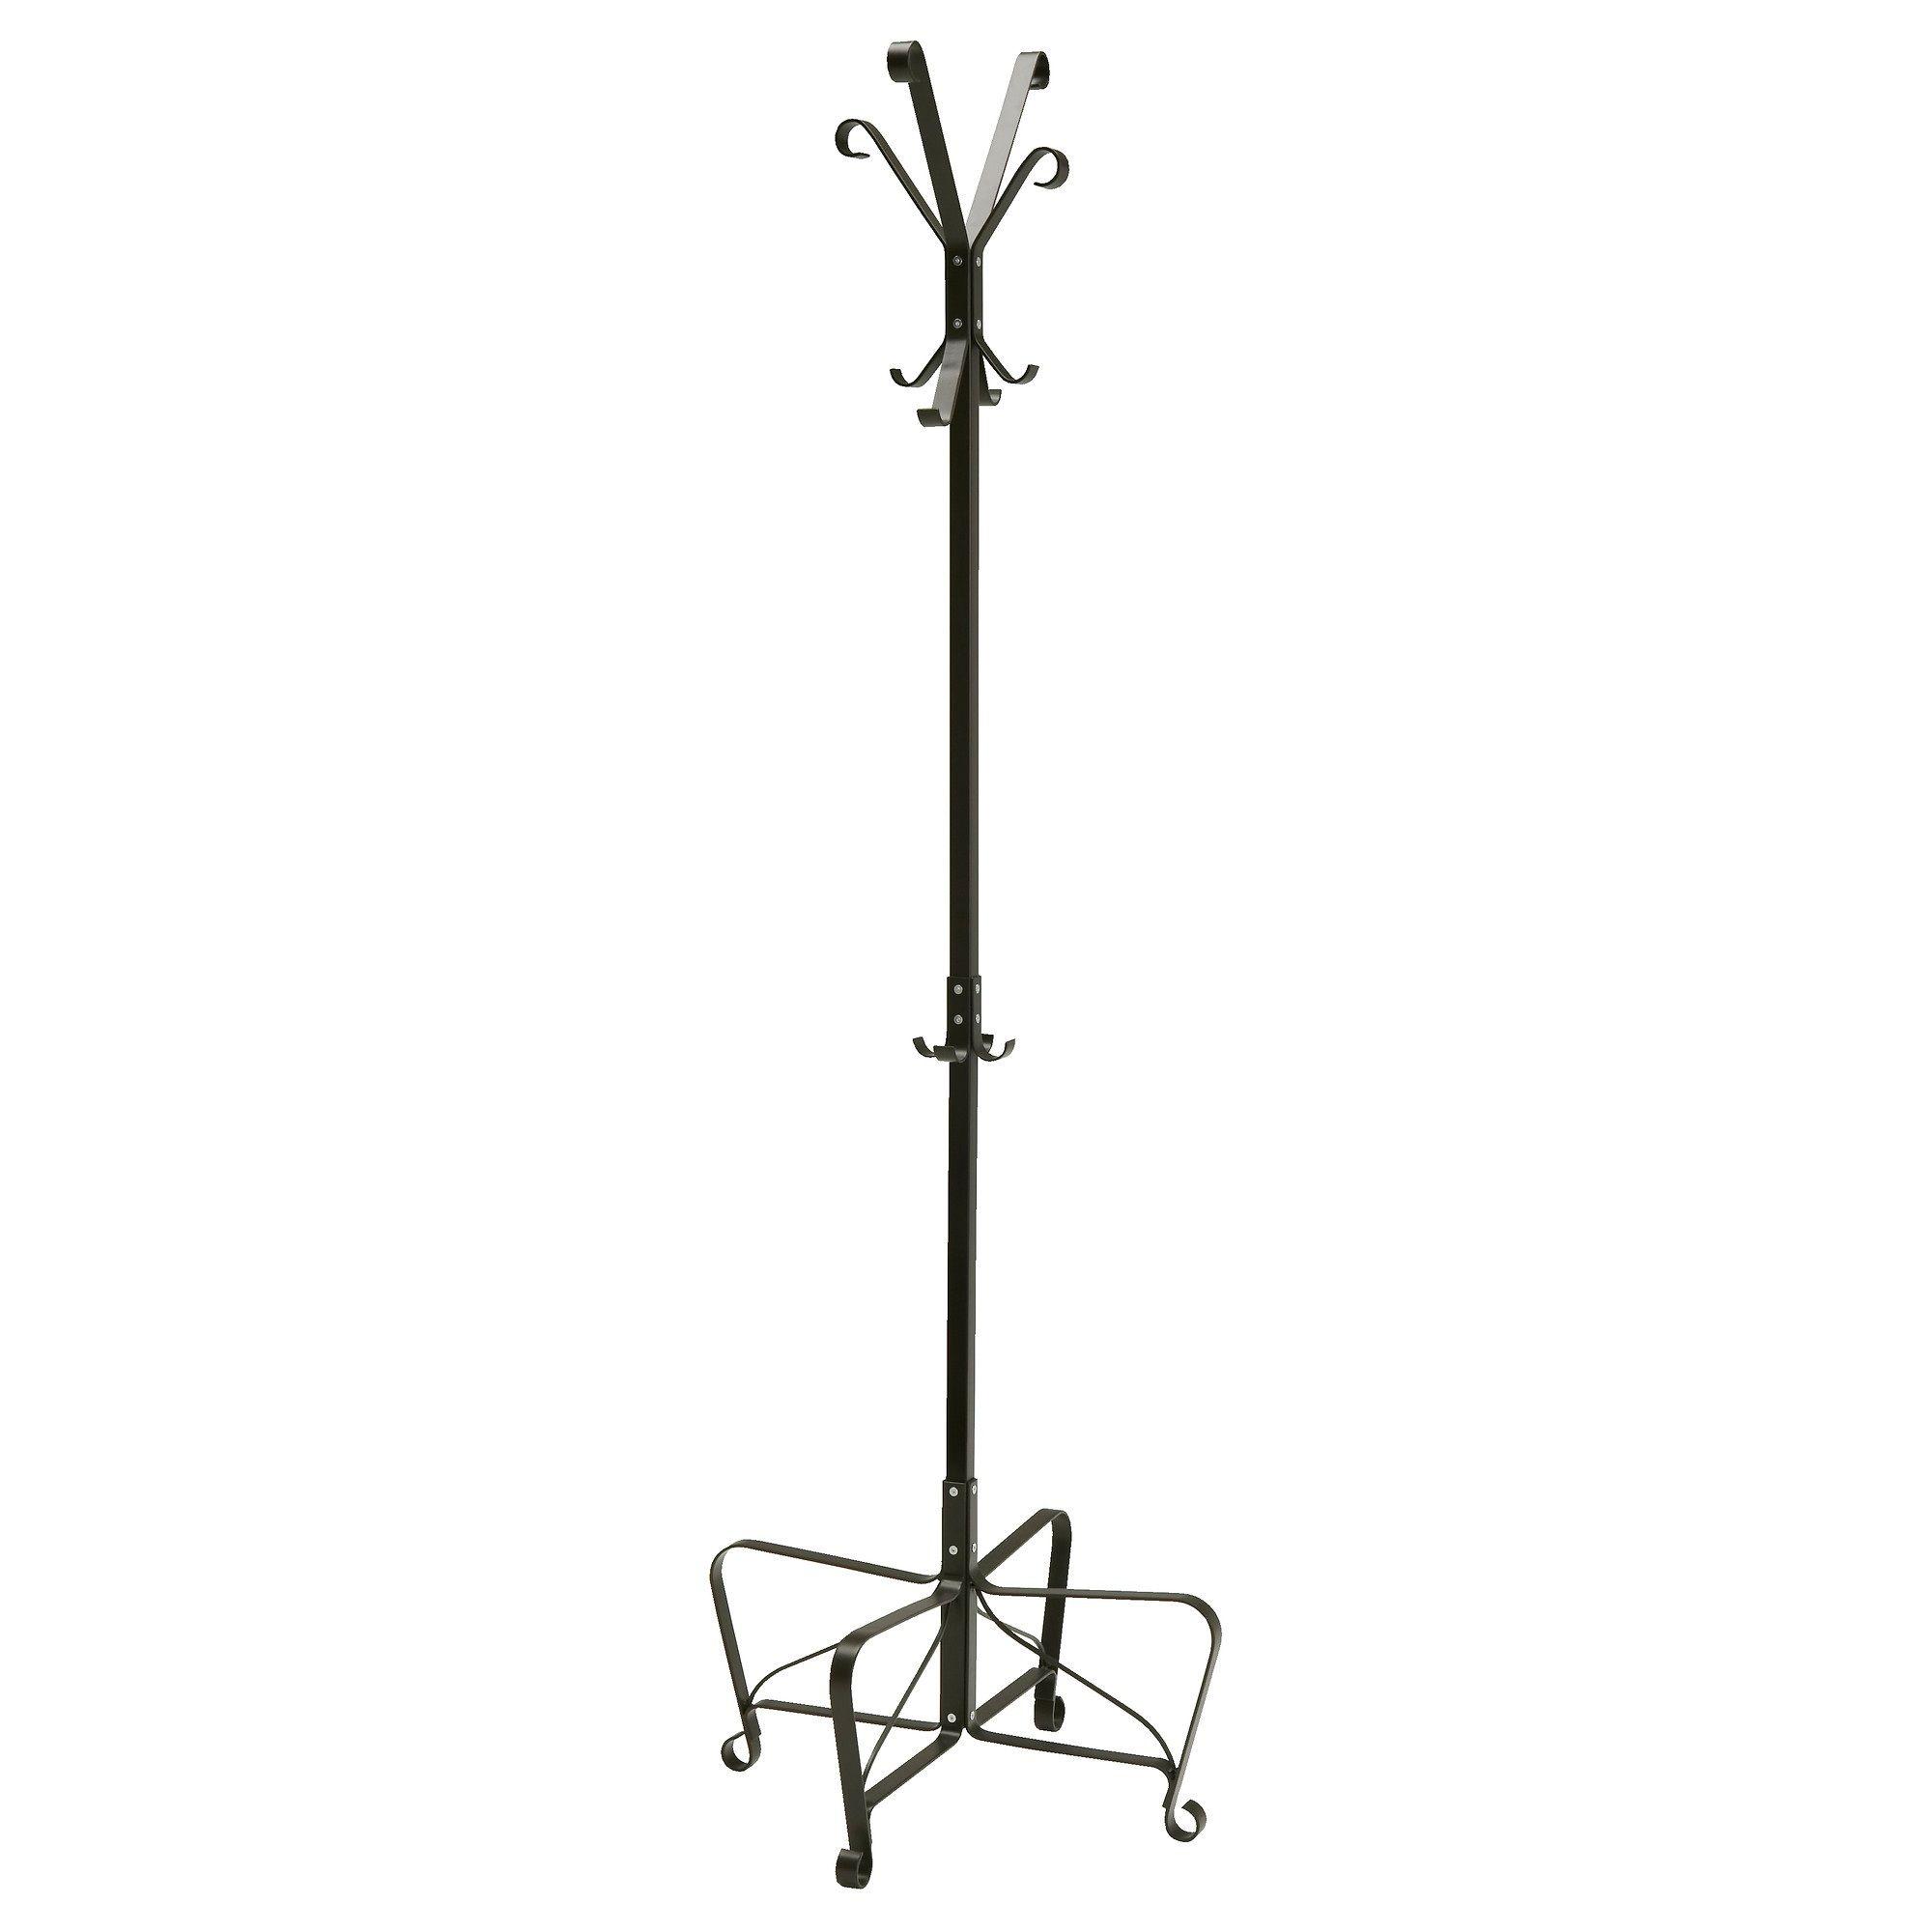 Marvellous Ikea Coat Rack | Furniture | Pinterest | Coat racks